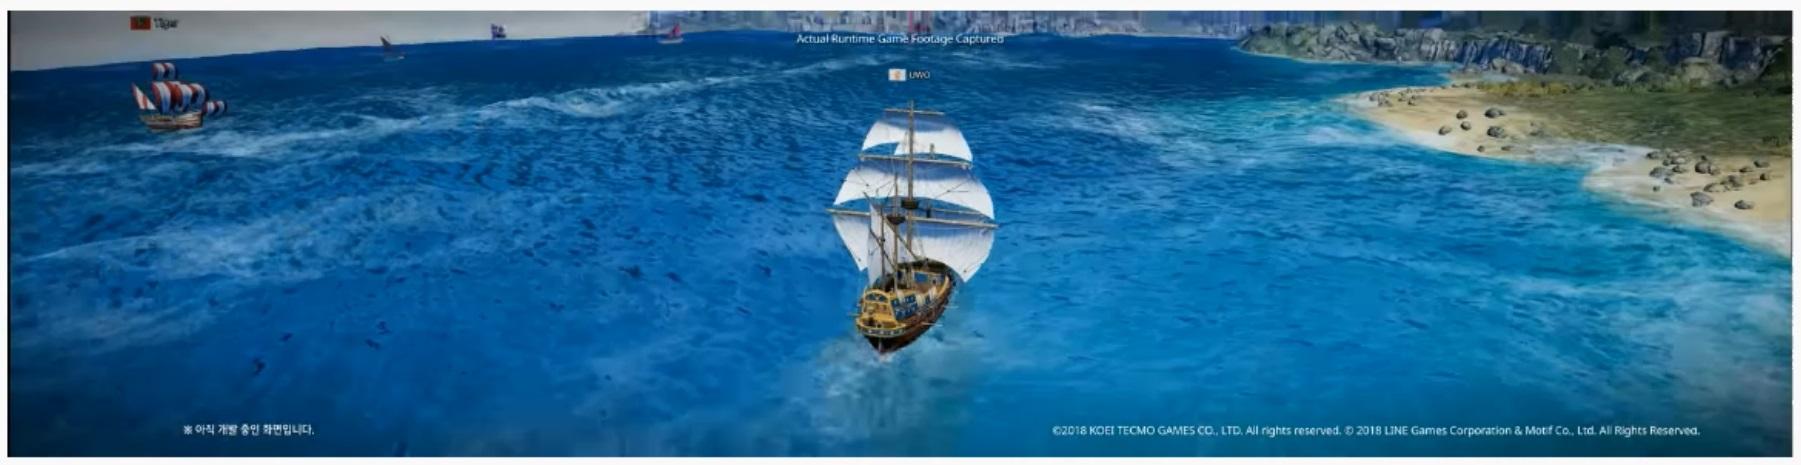 大航海時代オリジンはいつ発売?発売前情報をまとめてみた